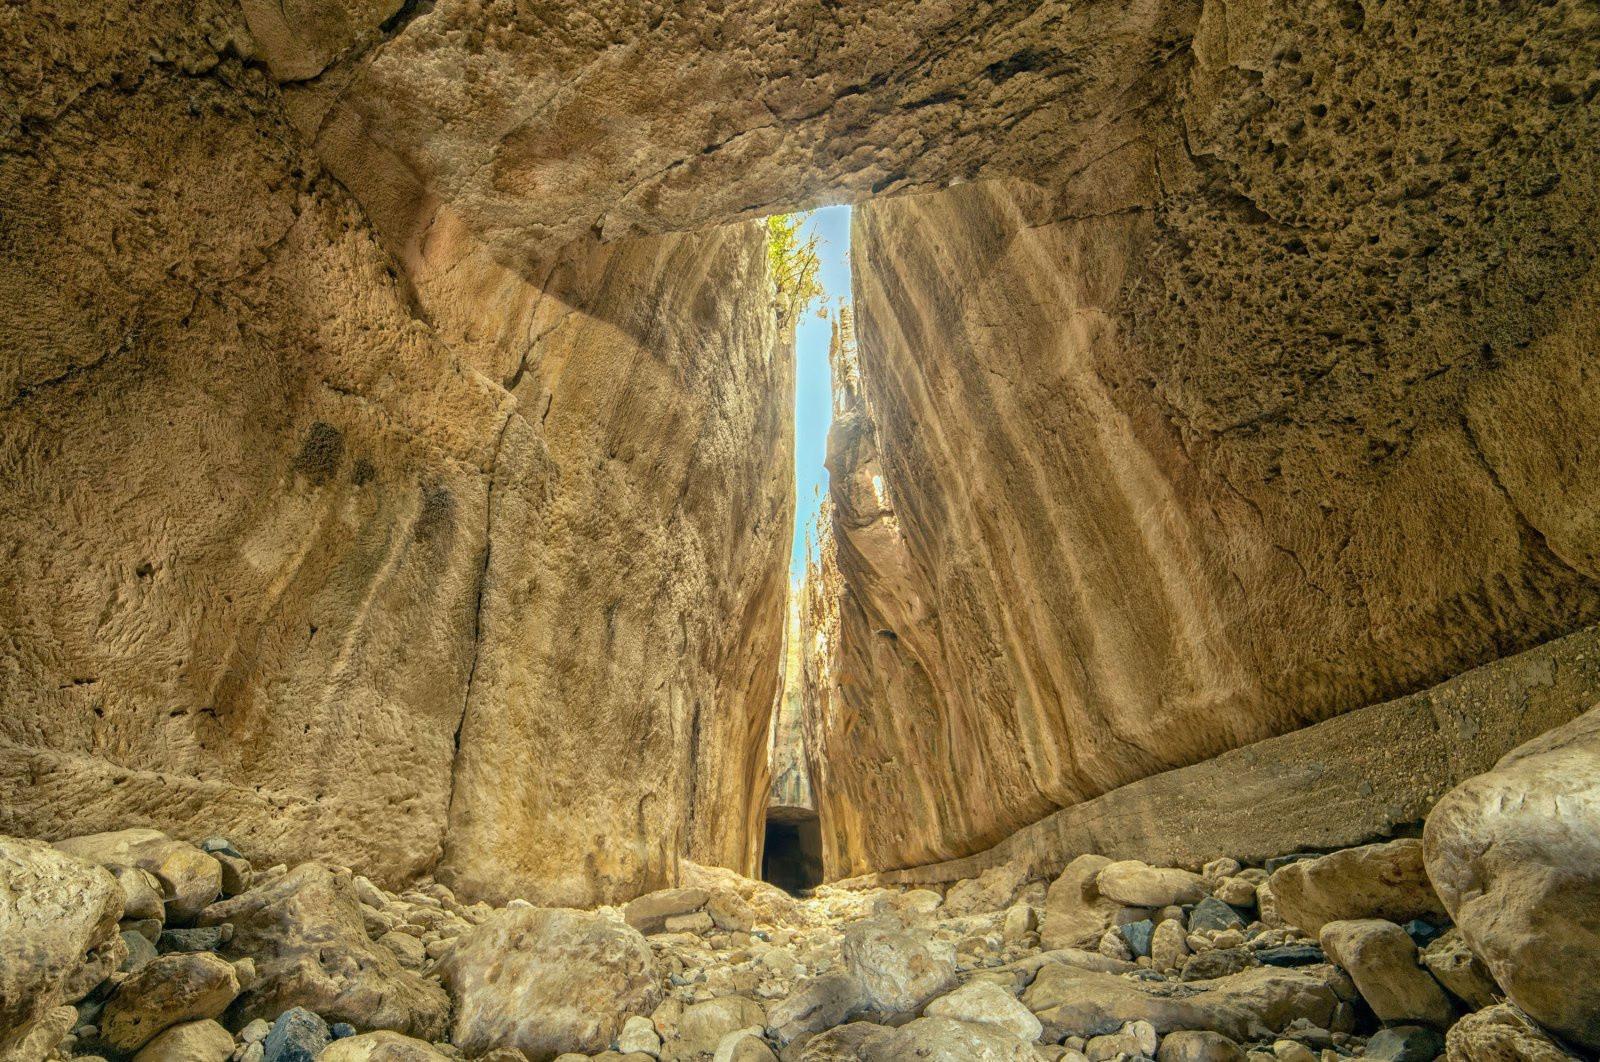 Kỳ quan ngăn nước lũ 2000 năm trước ở Thổ Nhĩ Kỳ - 1